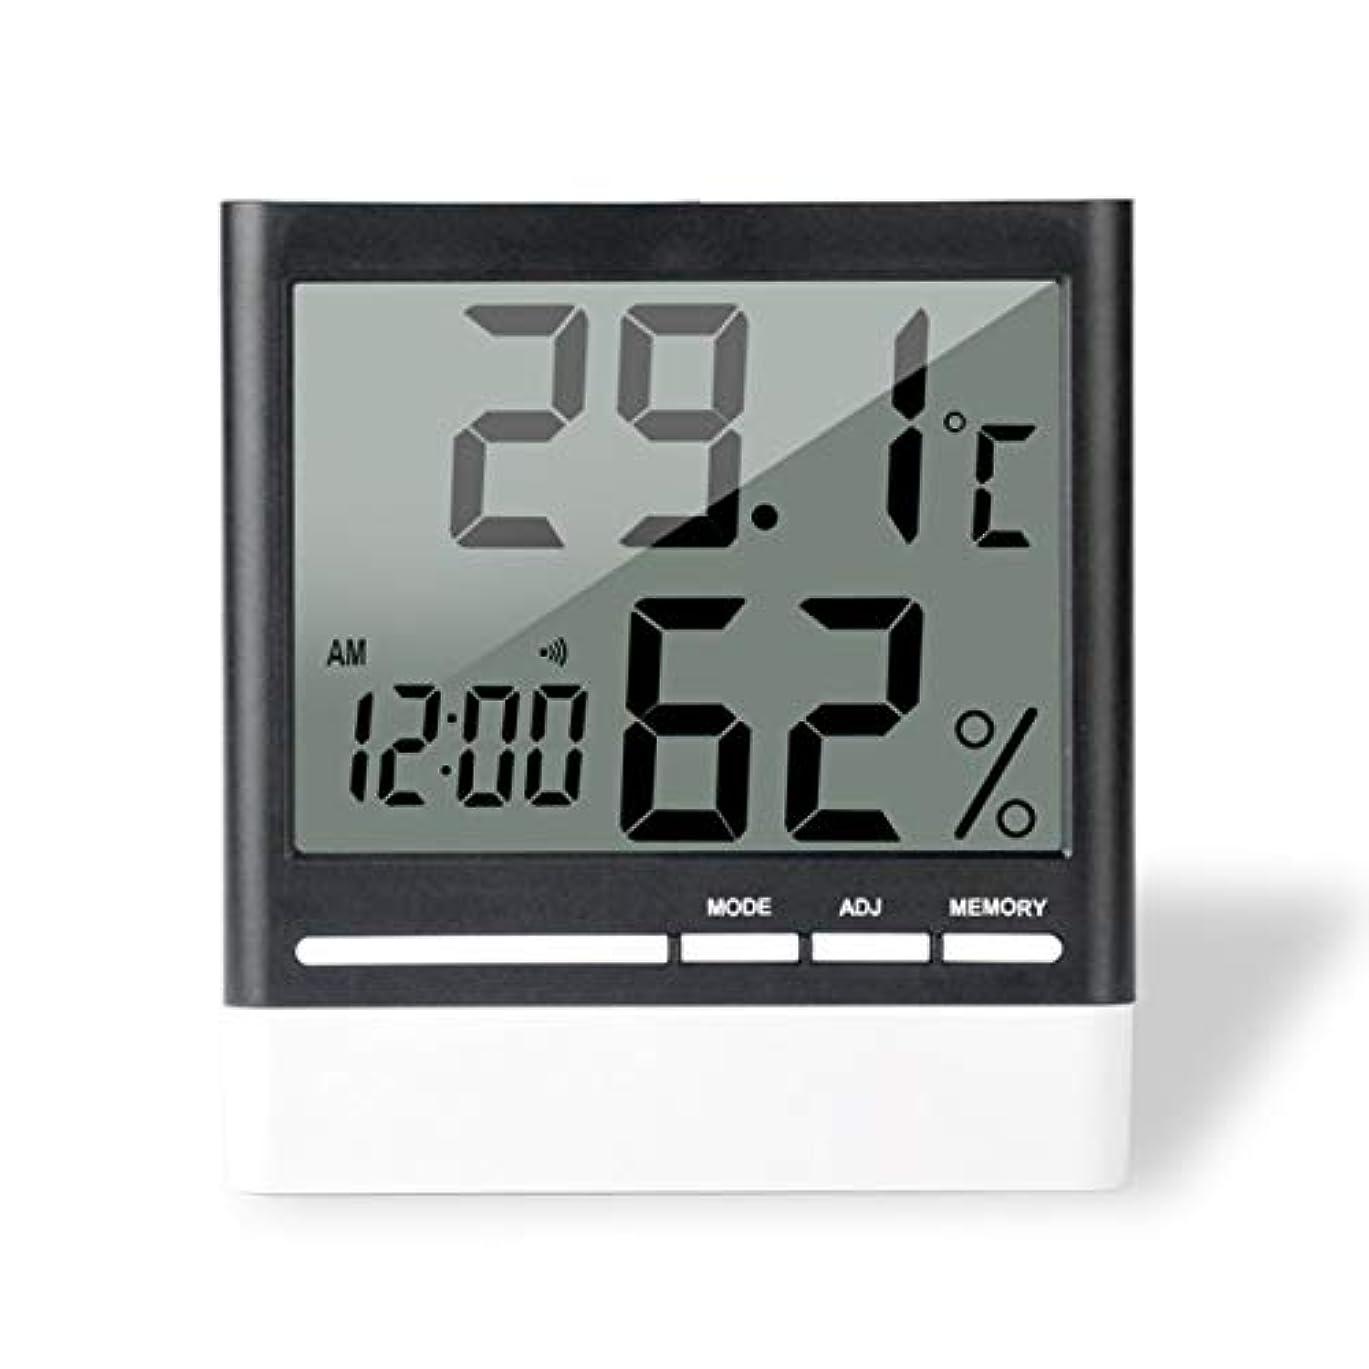 値する考古学別れるSaikogoods 電子体温計湿度計 デジタルディスプレイ 温度湿度モニター アラーム時計 屋内家庭用 ブラック